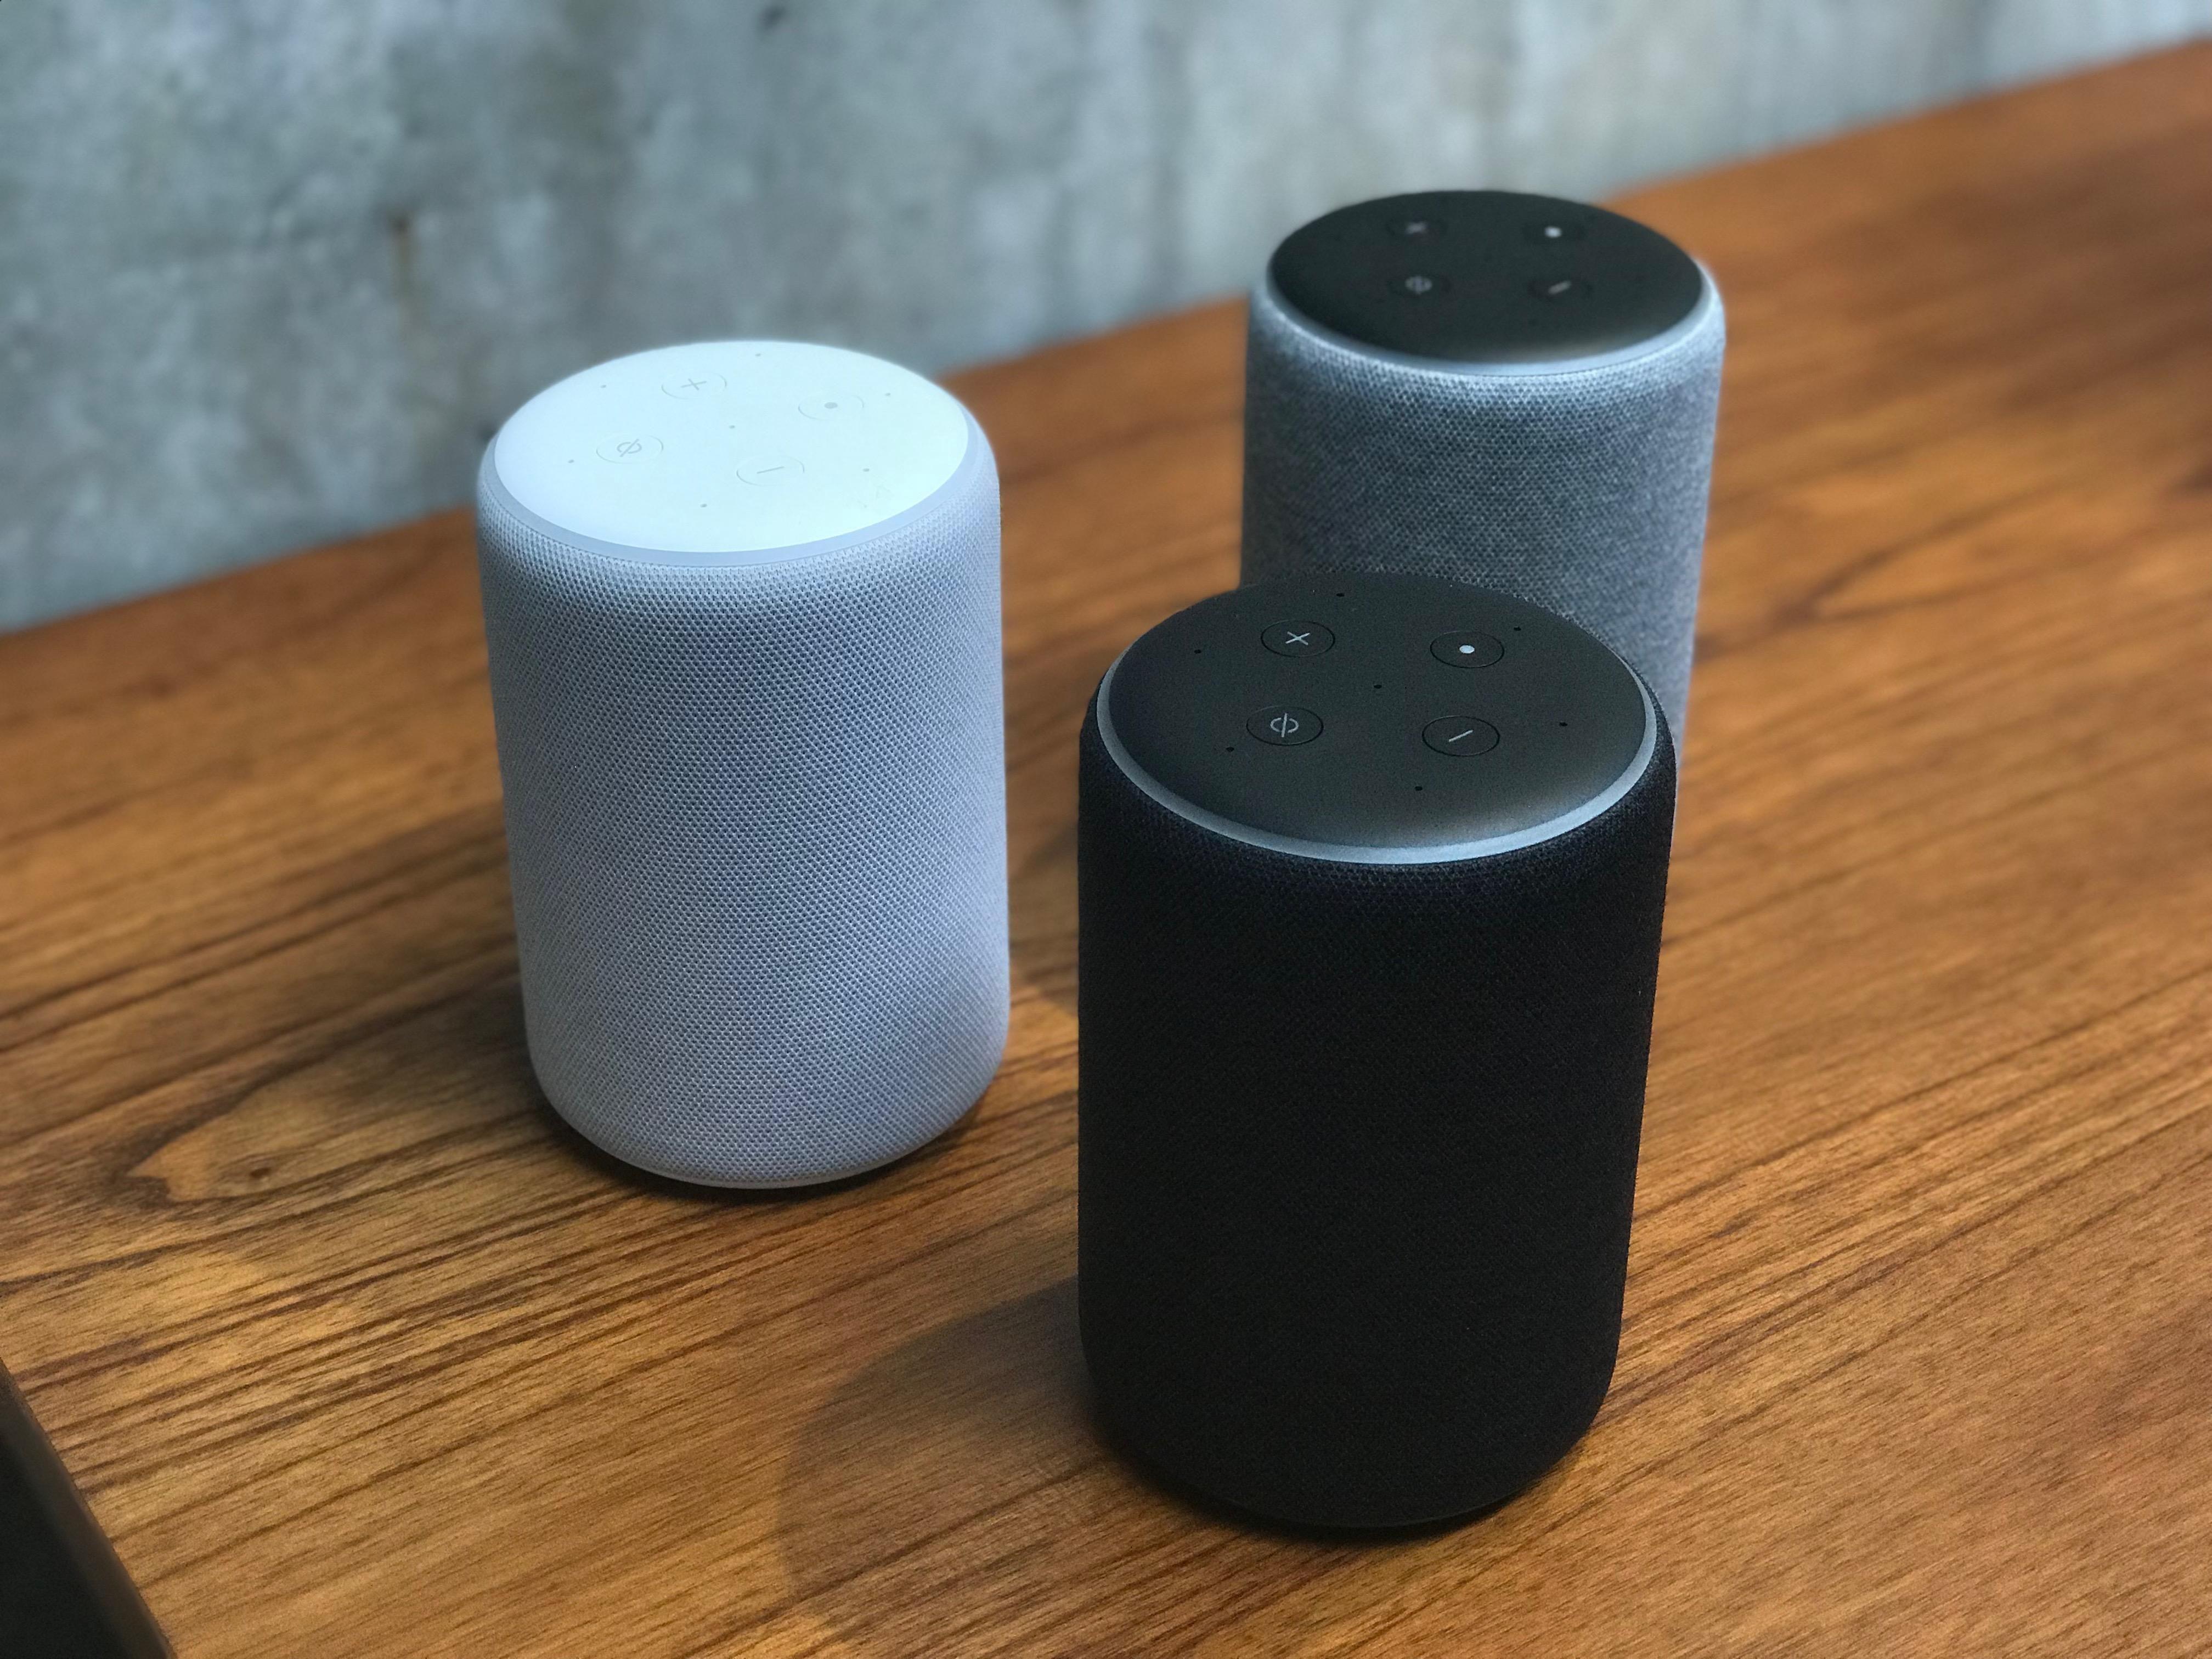 Amazon al lavoro su un robot domestico e su uno smart speaker Echo di fascia alta 2